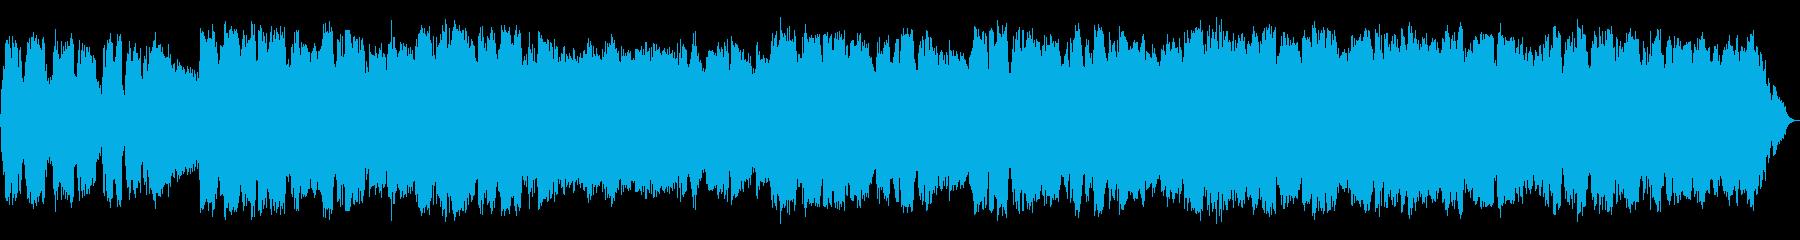 静かな低音の竹笛のヒーリング音楽の再生済みの波形